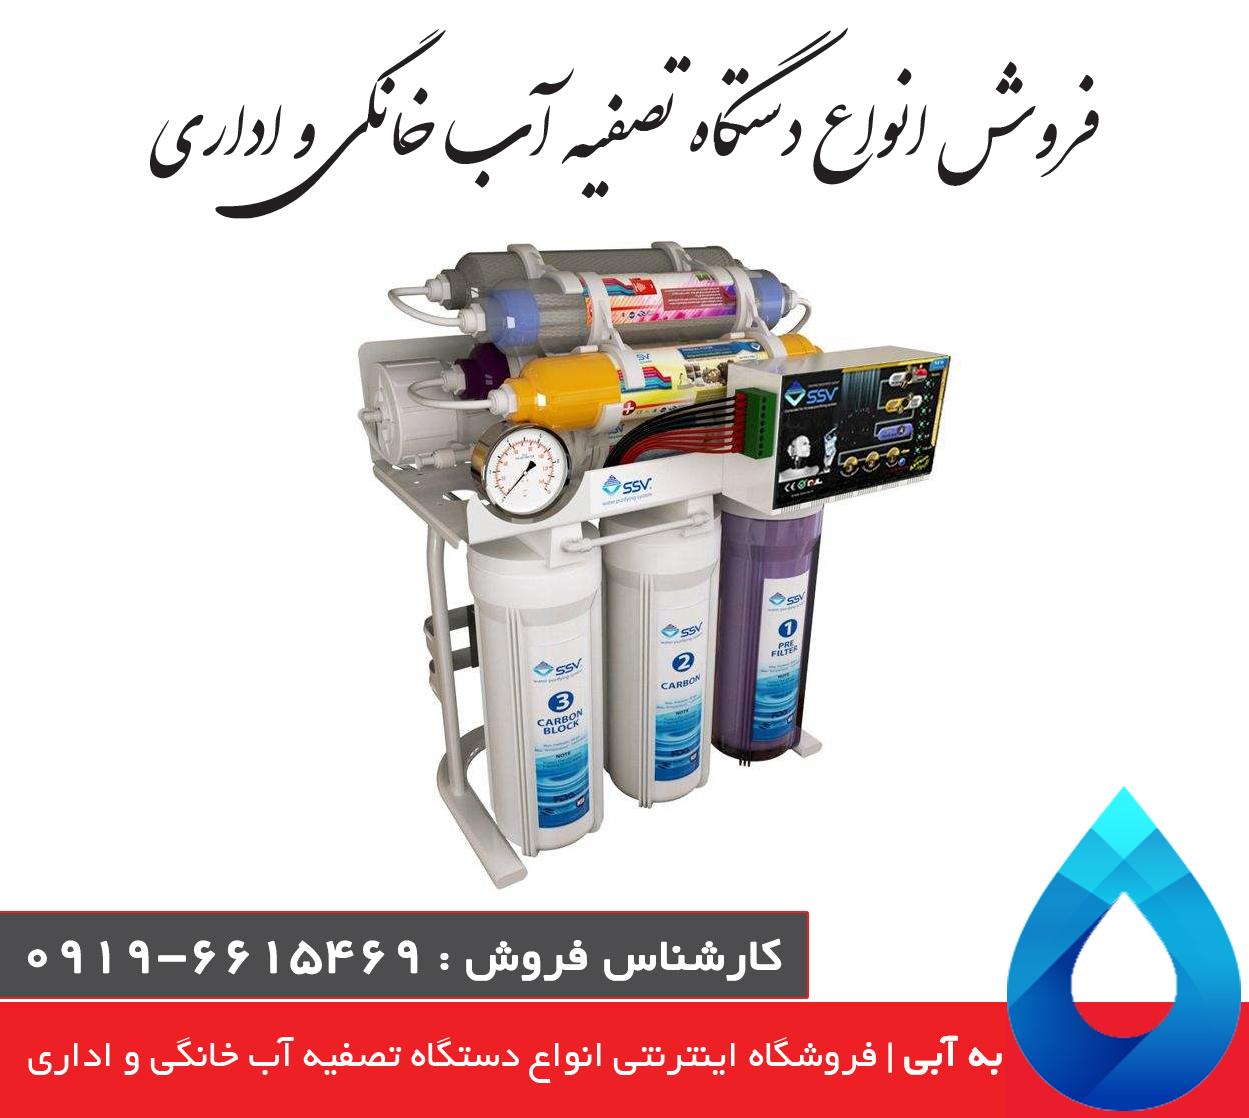 دستگاه تصفیه آب خانگی و اداری SSV